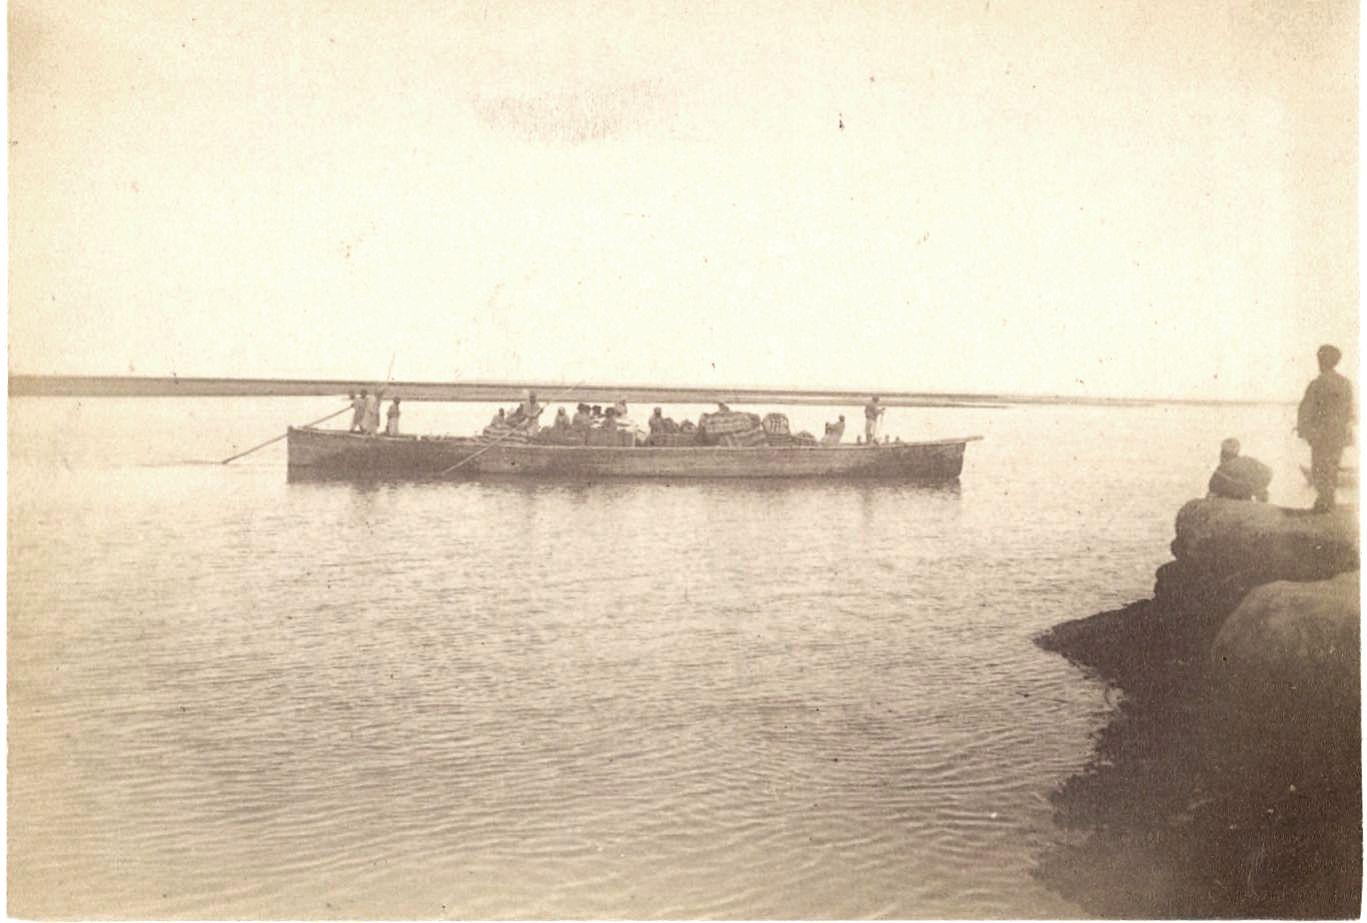 10. Амударья. Лодка с хлопком, пересекающая реку